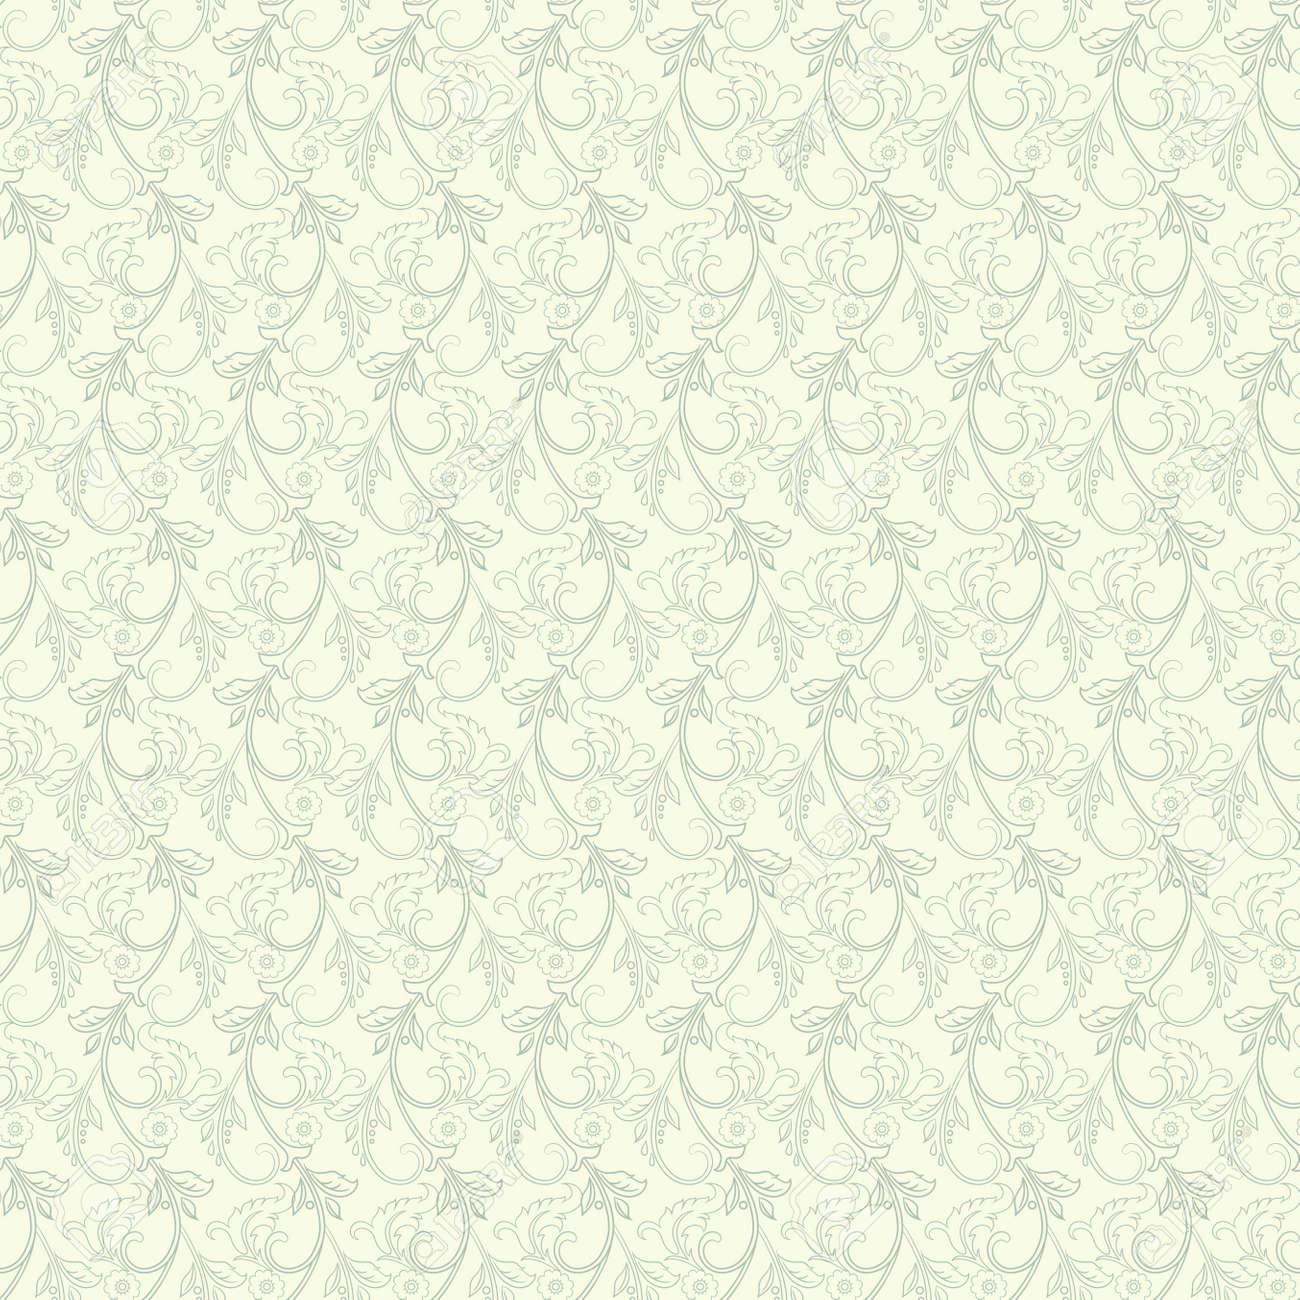 Striped seamless floral background. Vintage Wallpaper vector Illustration - 134845066